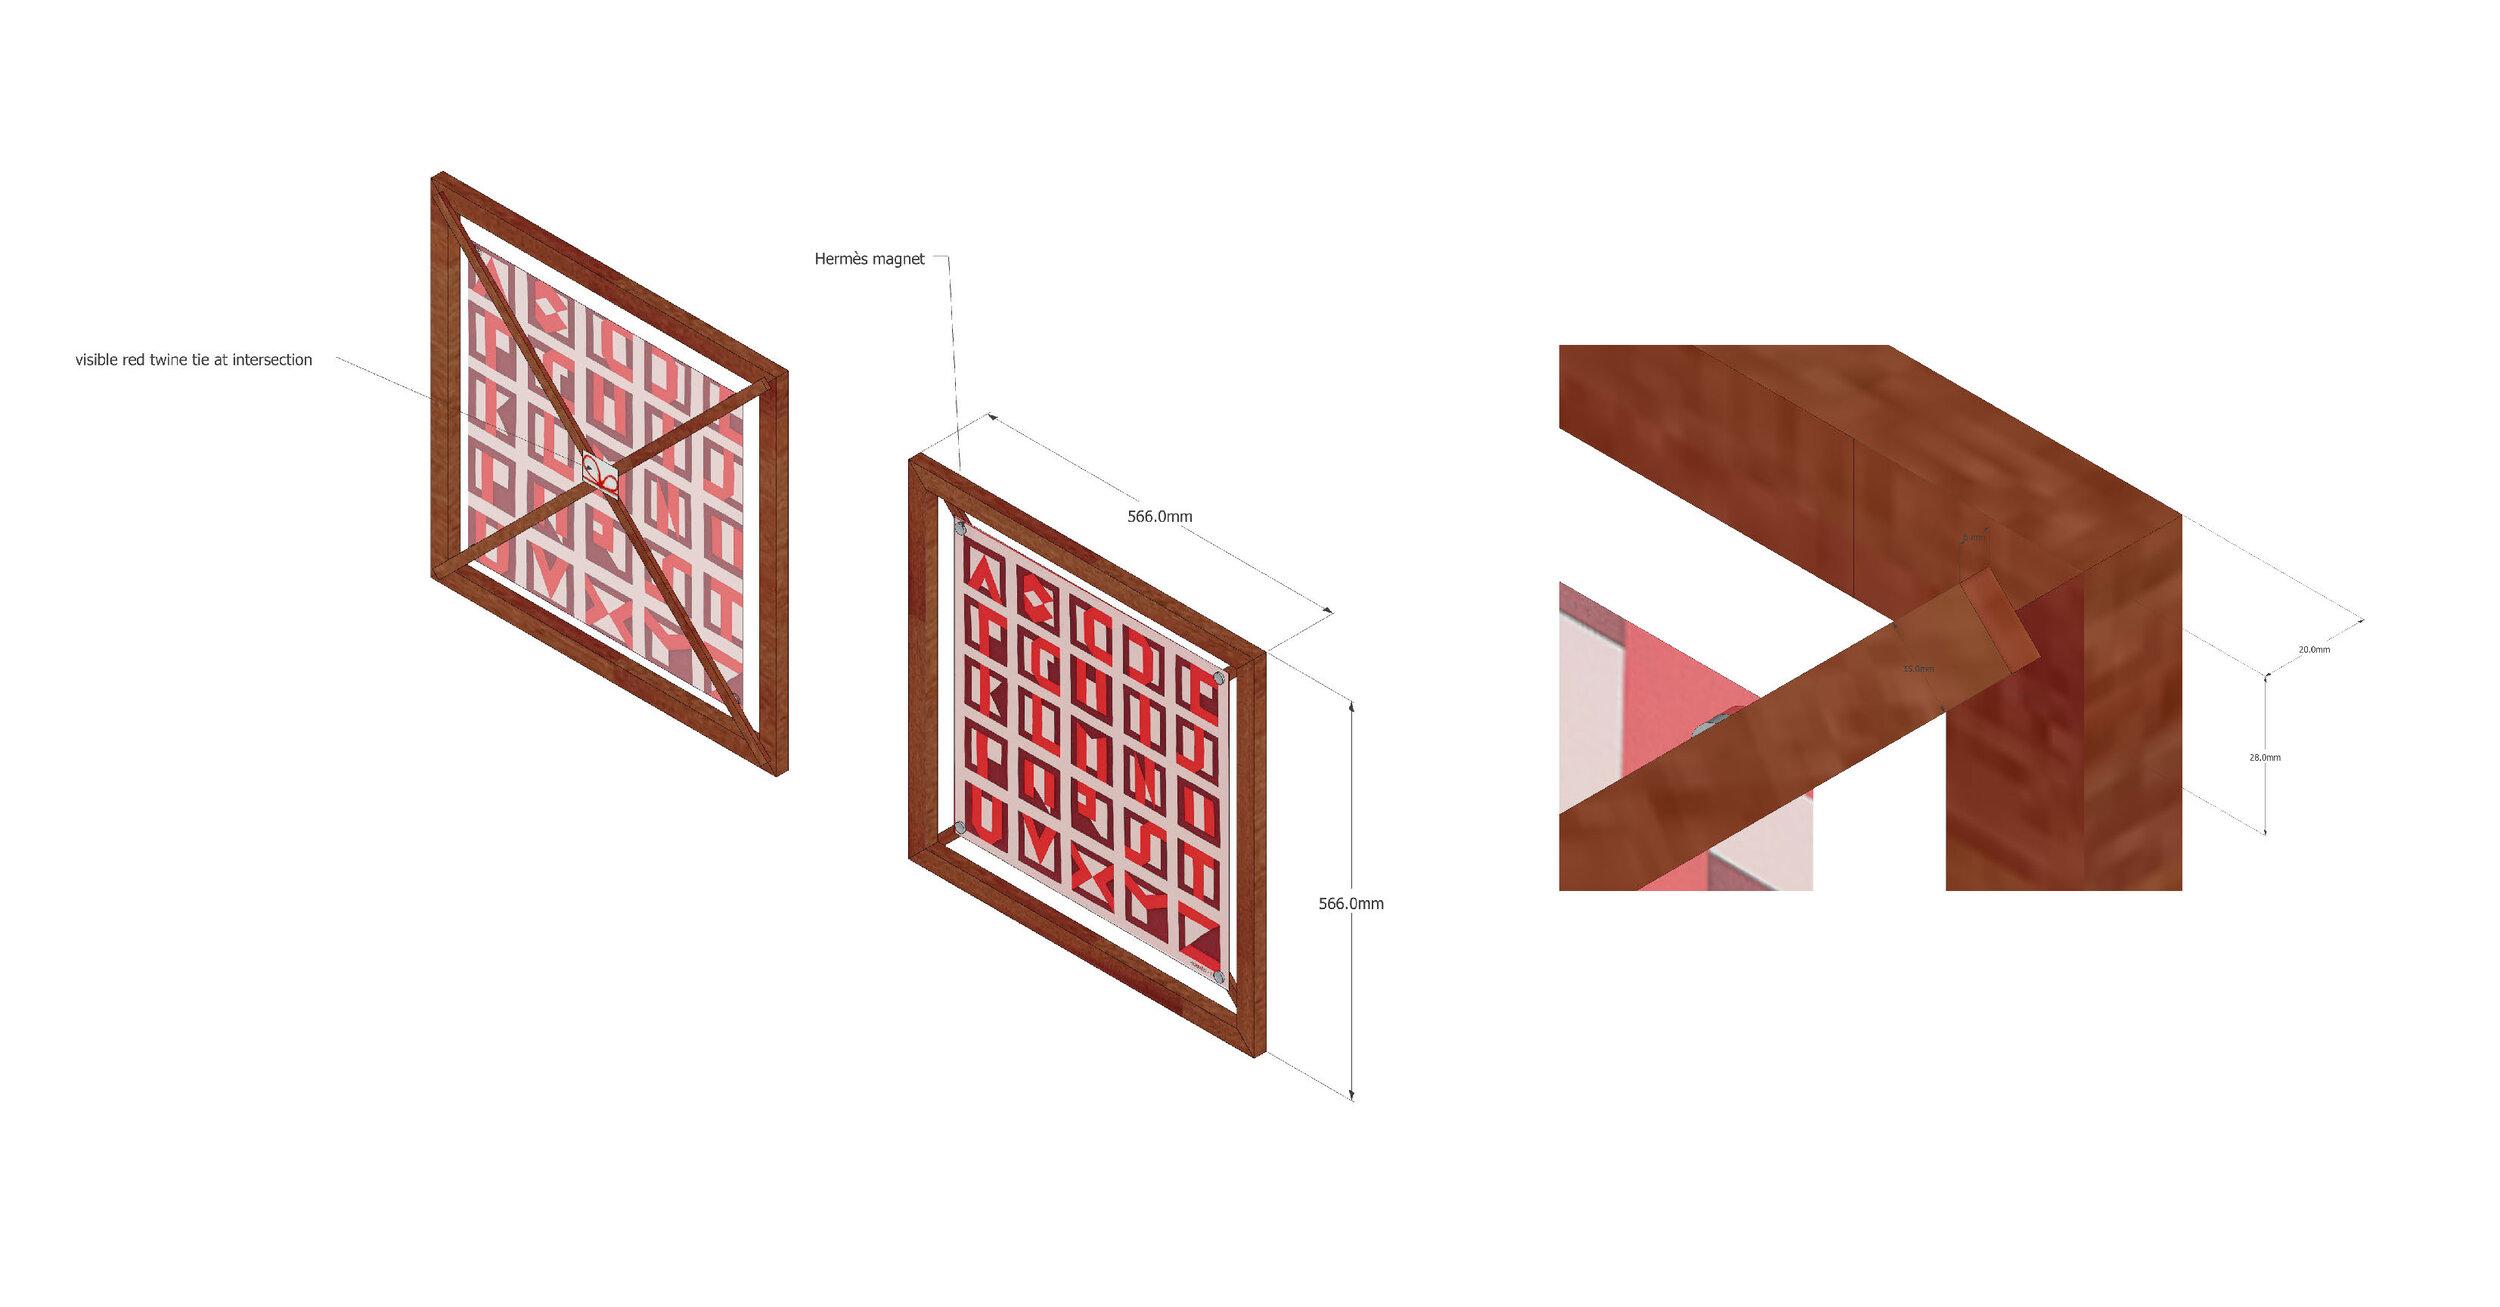 Hermès_Dimensions_Window 1_Revised_Page_09.jpg